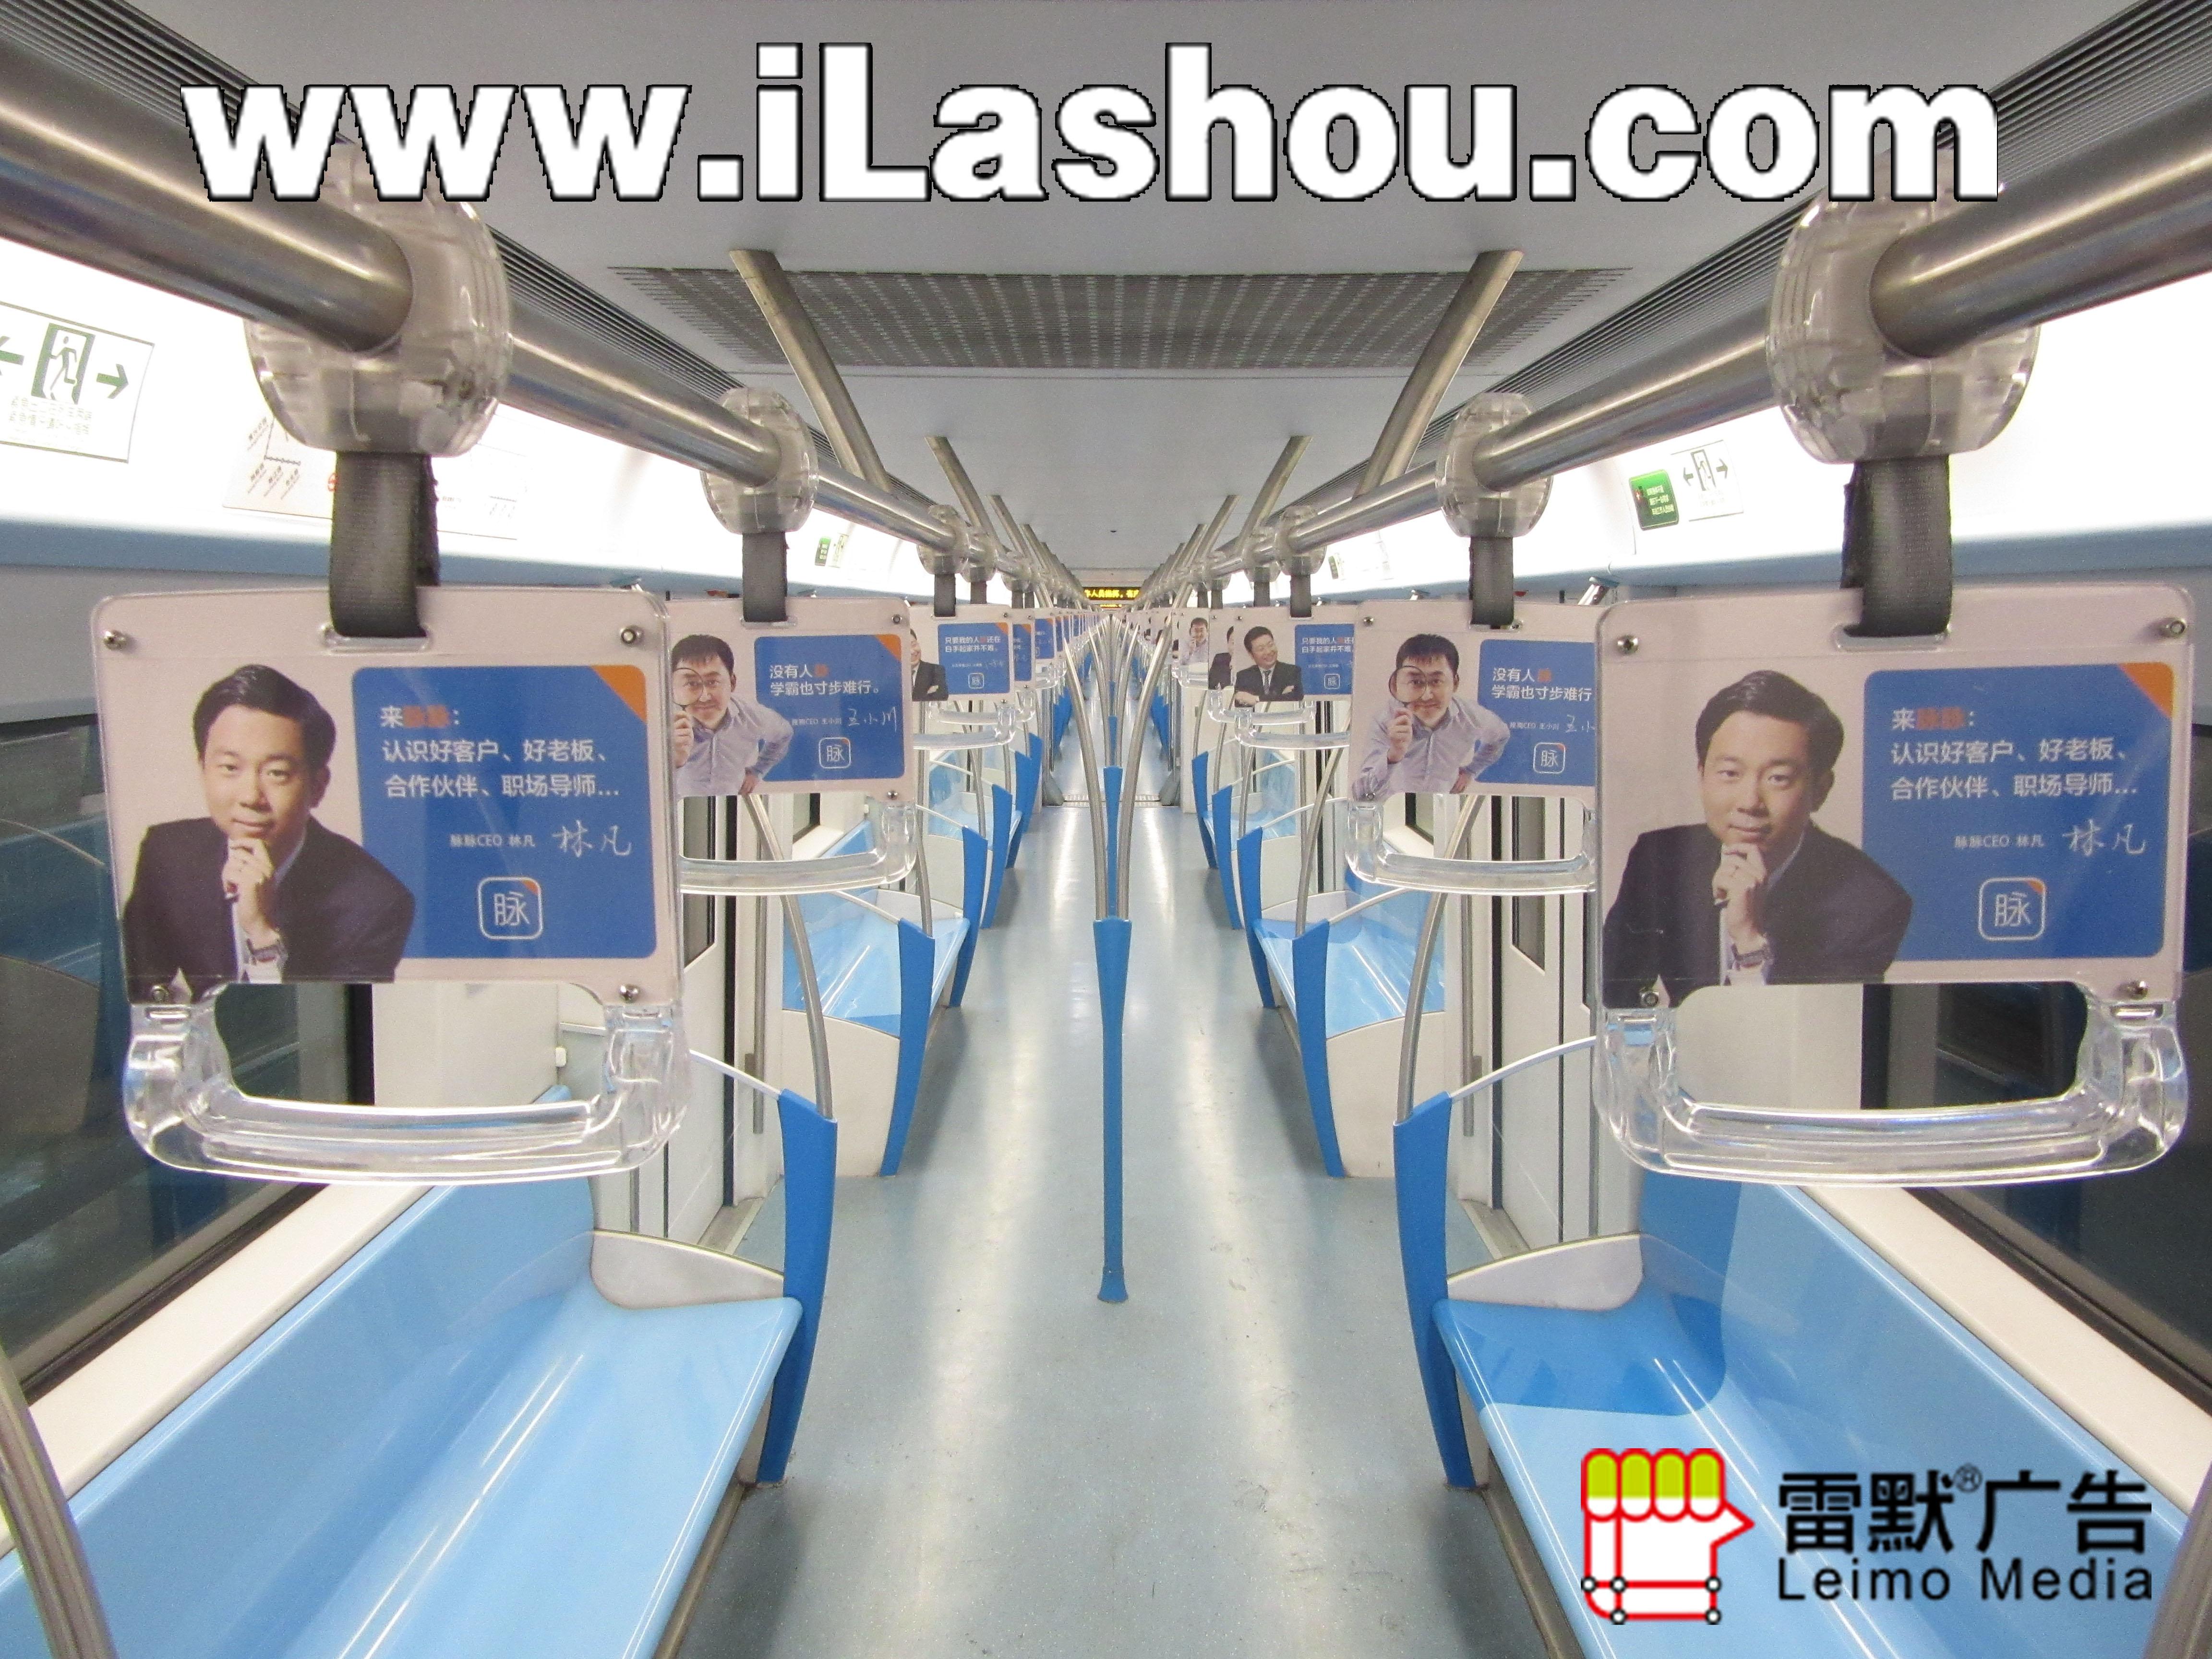 > 上海地铁拉手广告展示店